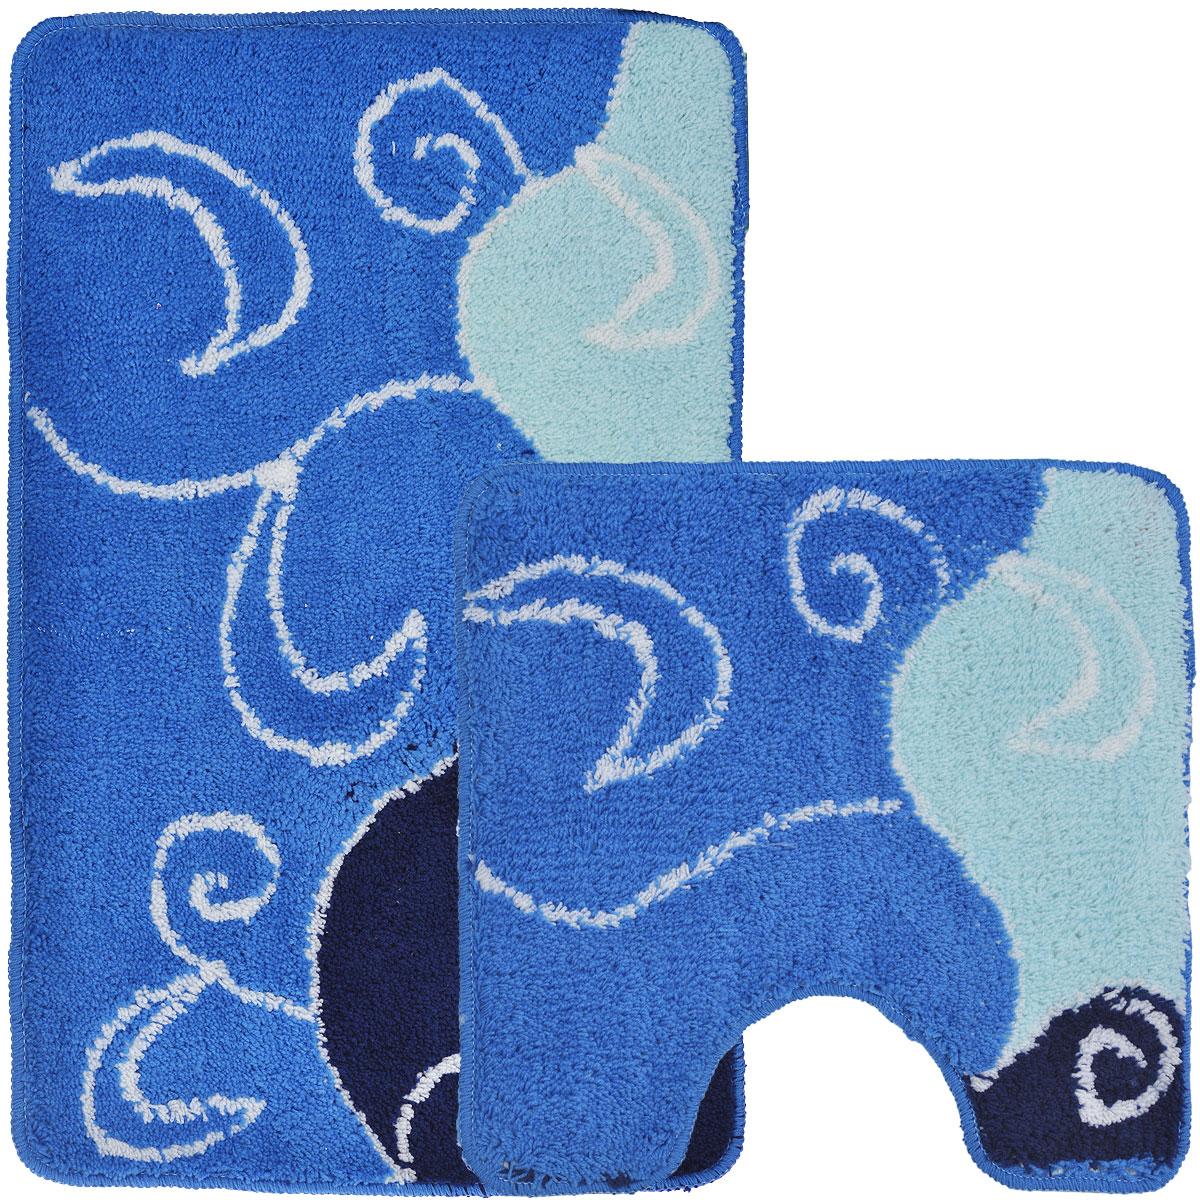 Комплект ковриков для ванной и туалета Fresh Code, цвет: синий, 2 предмета12723Комплект Fresh Code состоит из коврика для ванной комнаты и туалета. Коврики изготовлены из акрила и оформлены узором. Это экологически чистый, быстросохнущий, мягкий и износостойкий материал. Красители устойчивы, поэтому коврики не потускнеют даже после многократных стирок в стиральной машине. Благодаря латексной основе коврики не скользят на полу. Края изделий обработаны оверлоком. Можно использовать на полу с подогревом. Набор для ванной Fresh Code подарит ощущение тепла и комфорта, а также привнесет уют в вашу ванную комнату.Высота ворса: 1 см.Размер коврика для ванной комнаты: 80 см х 50 см.Размер коврика для туалета: 50 см х 50 см.